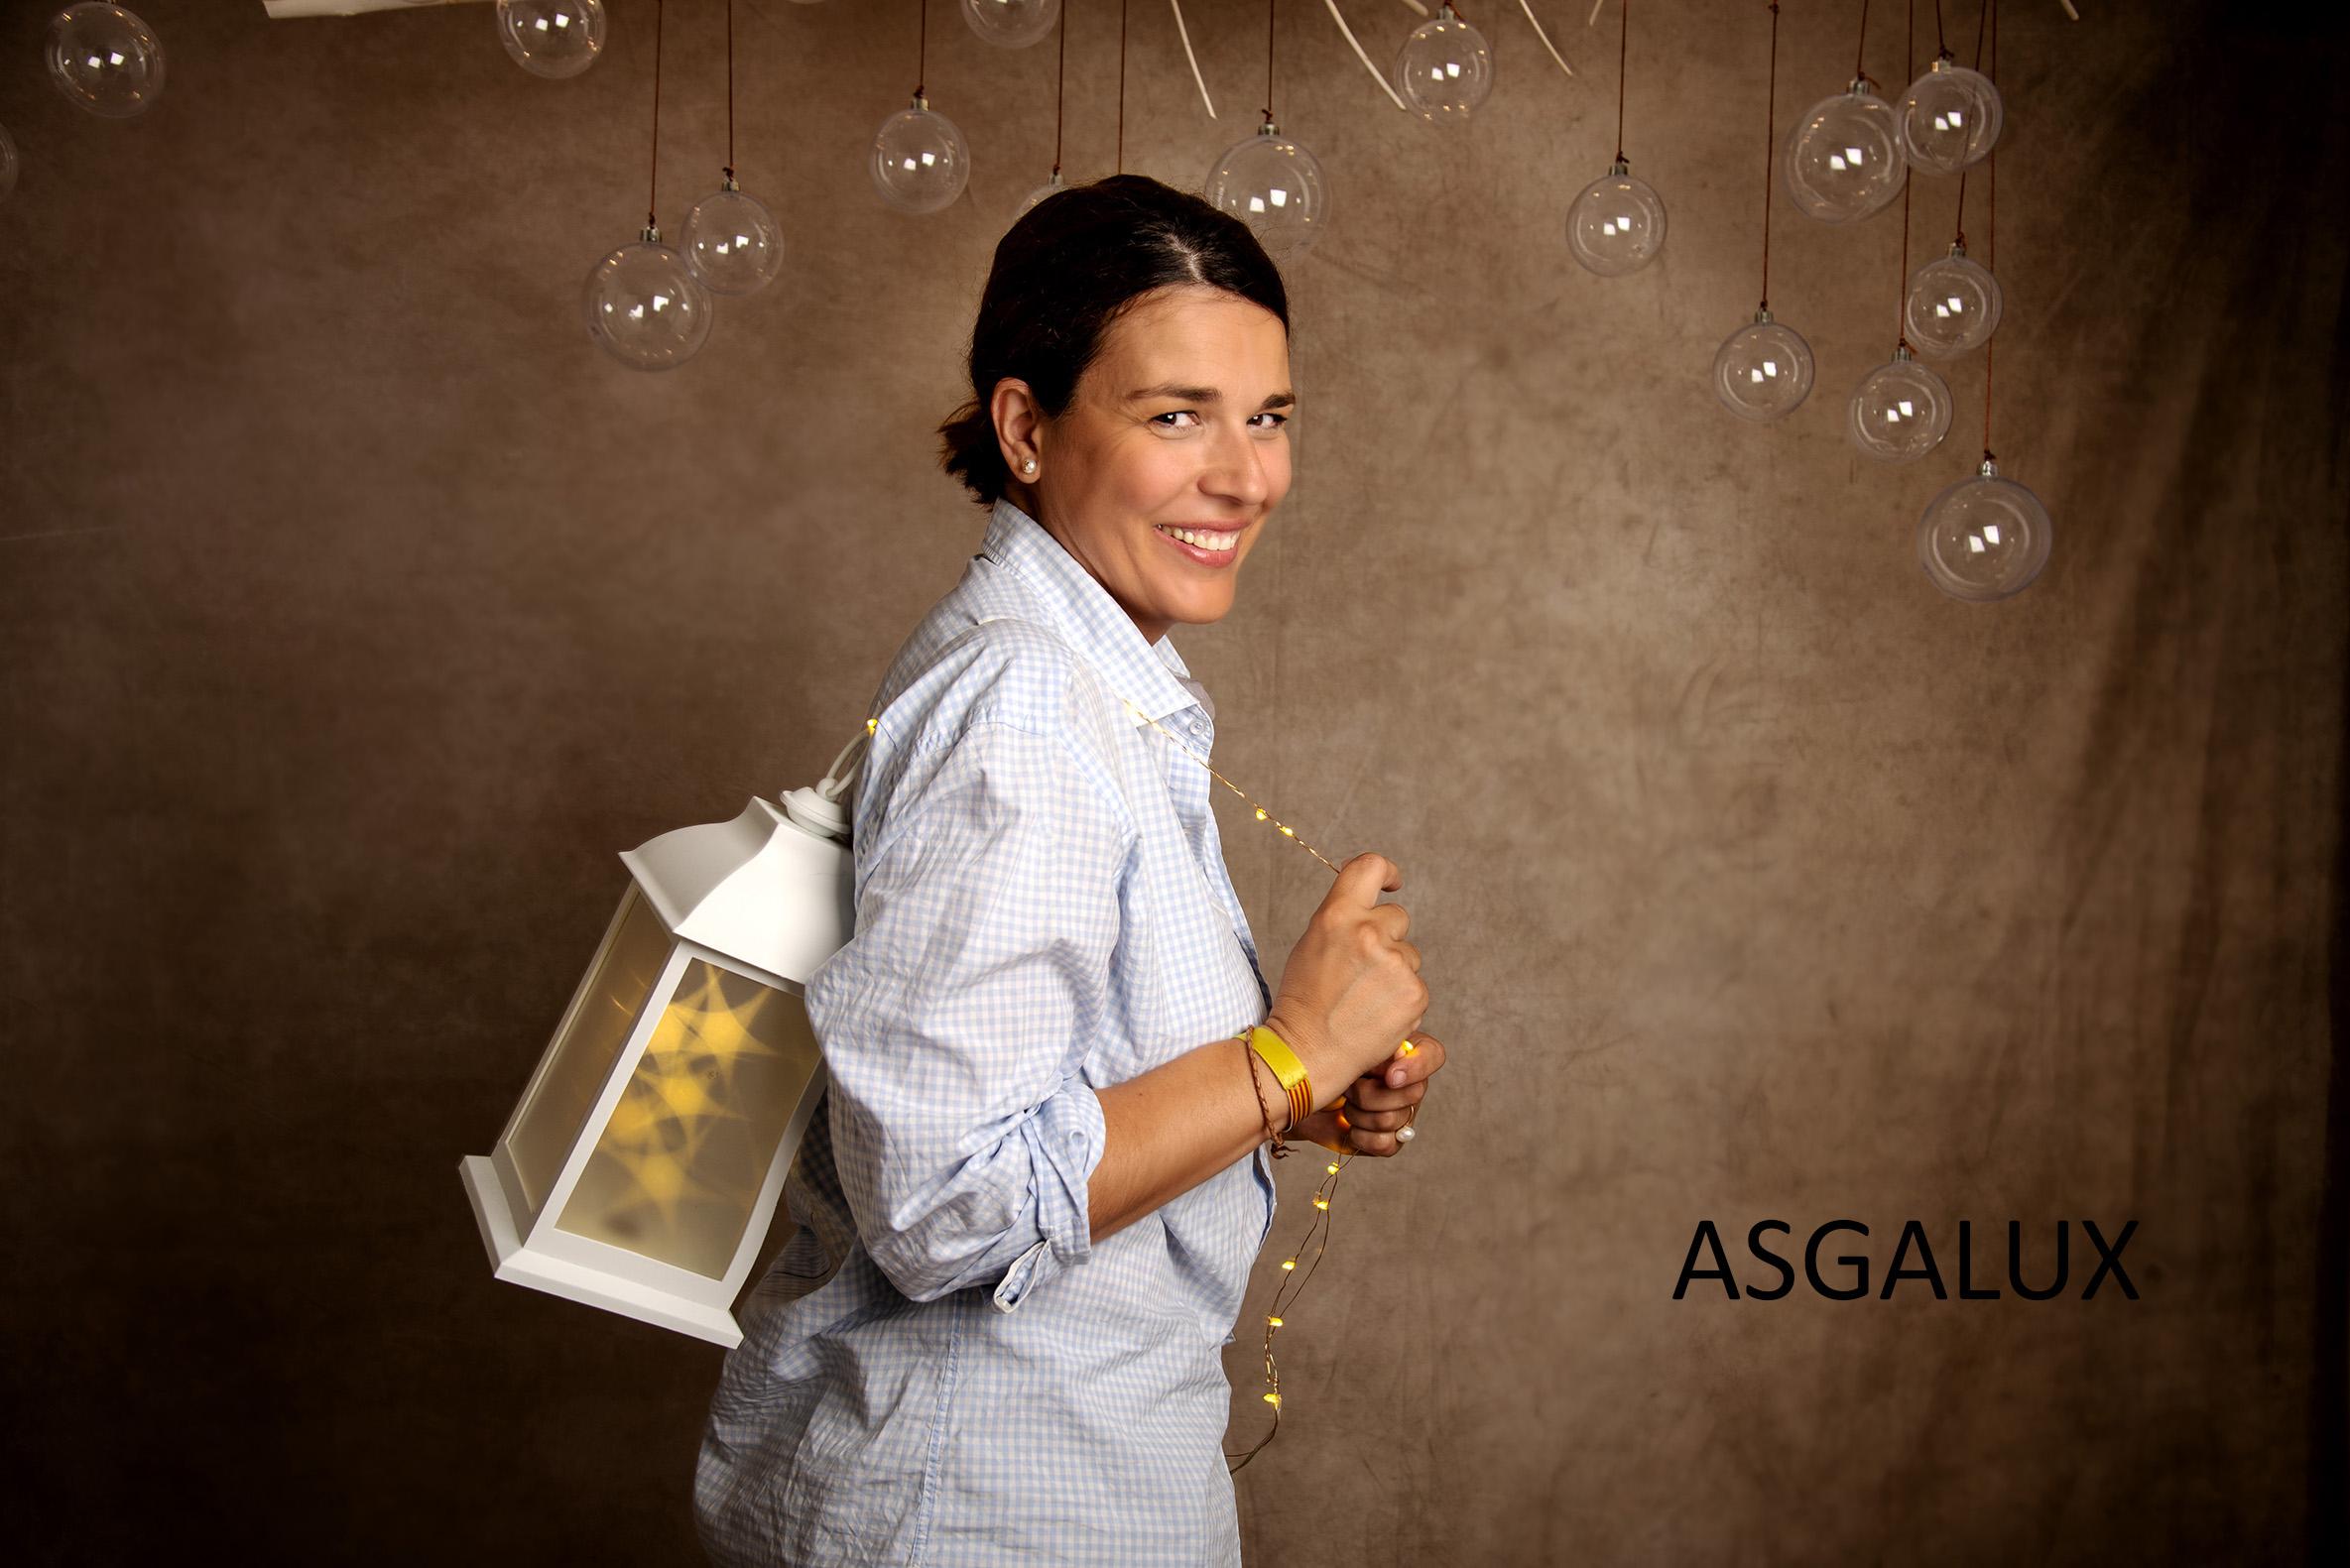 Asgalux